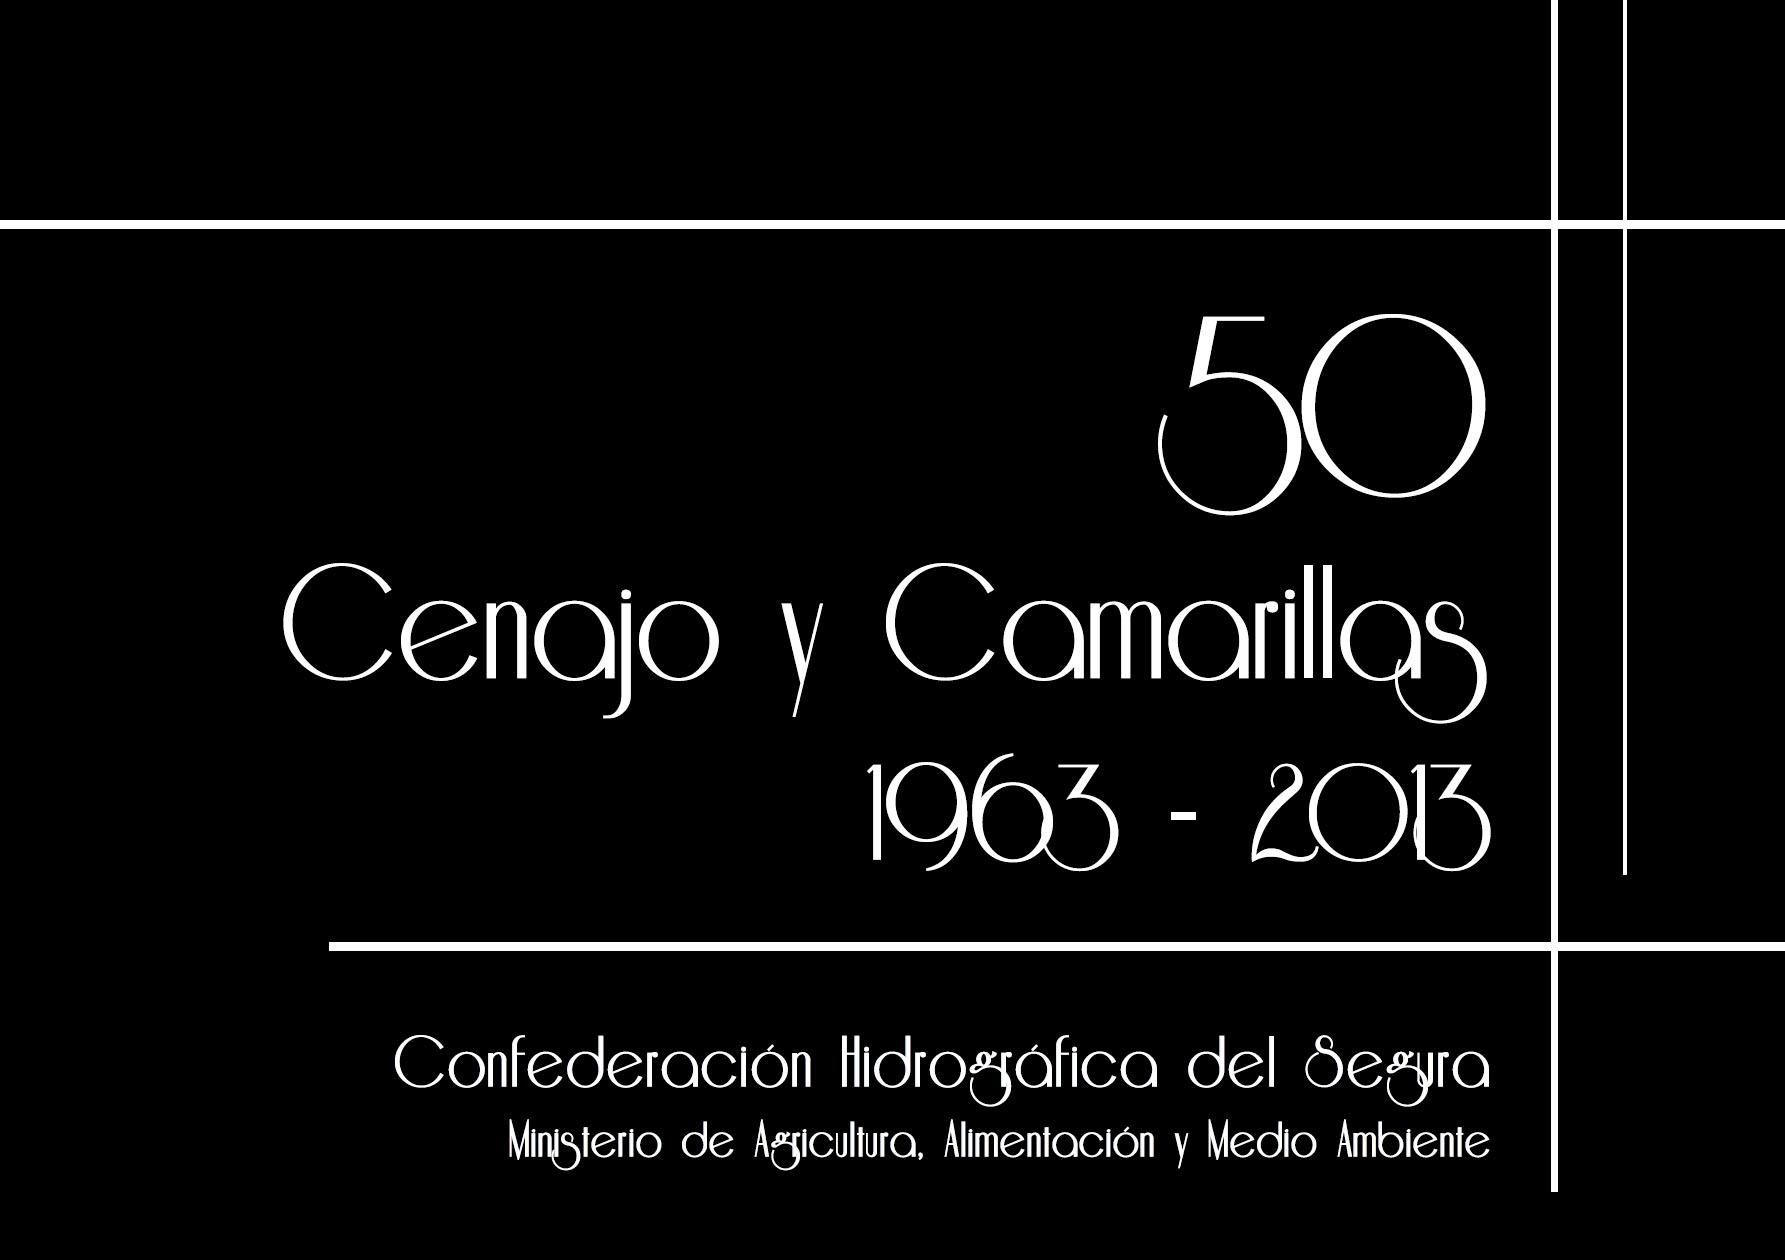 50 - Cenajo y Camarillas 1963-2013